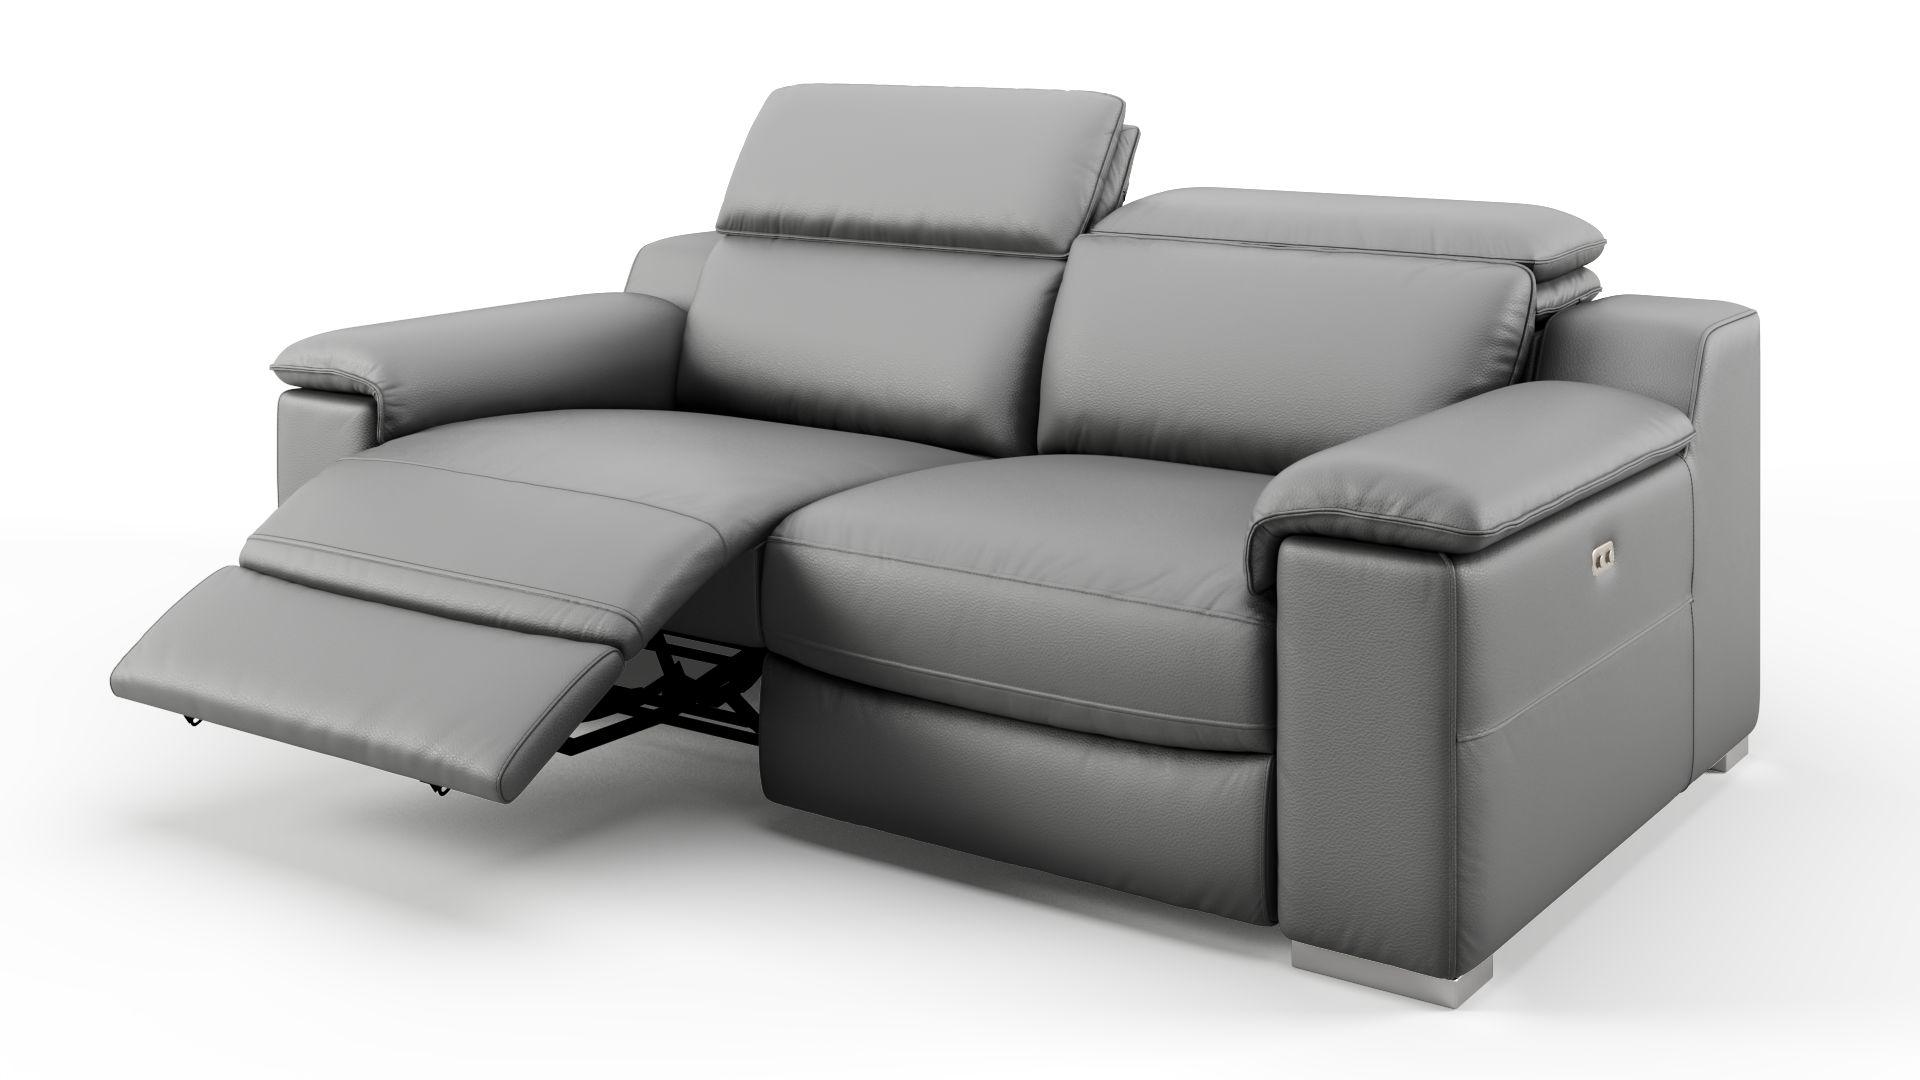 Full Size of 3 Sitzer Sofa Mit Relaxfunktion Design 2 Couch Sofanella Günstig Kaufen Hersteller Xxl Muuto Impressionen Bett Stauraum 160x200 Türkis Bettkasten 90x200 Sofa 3 Sitzer Sofa Mit Relaxfunktion